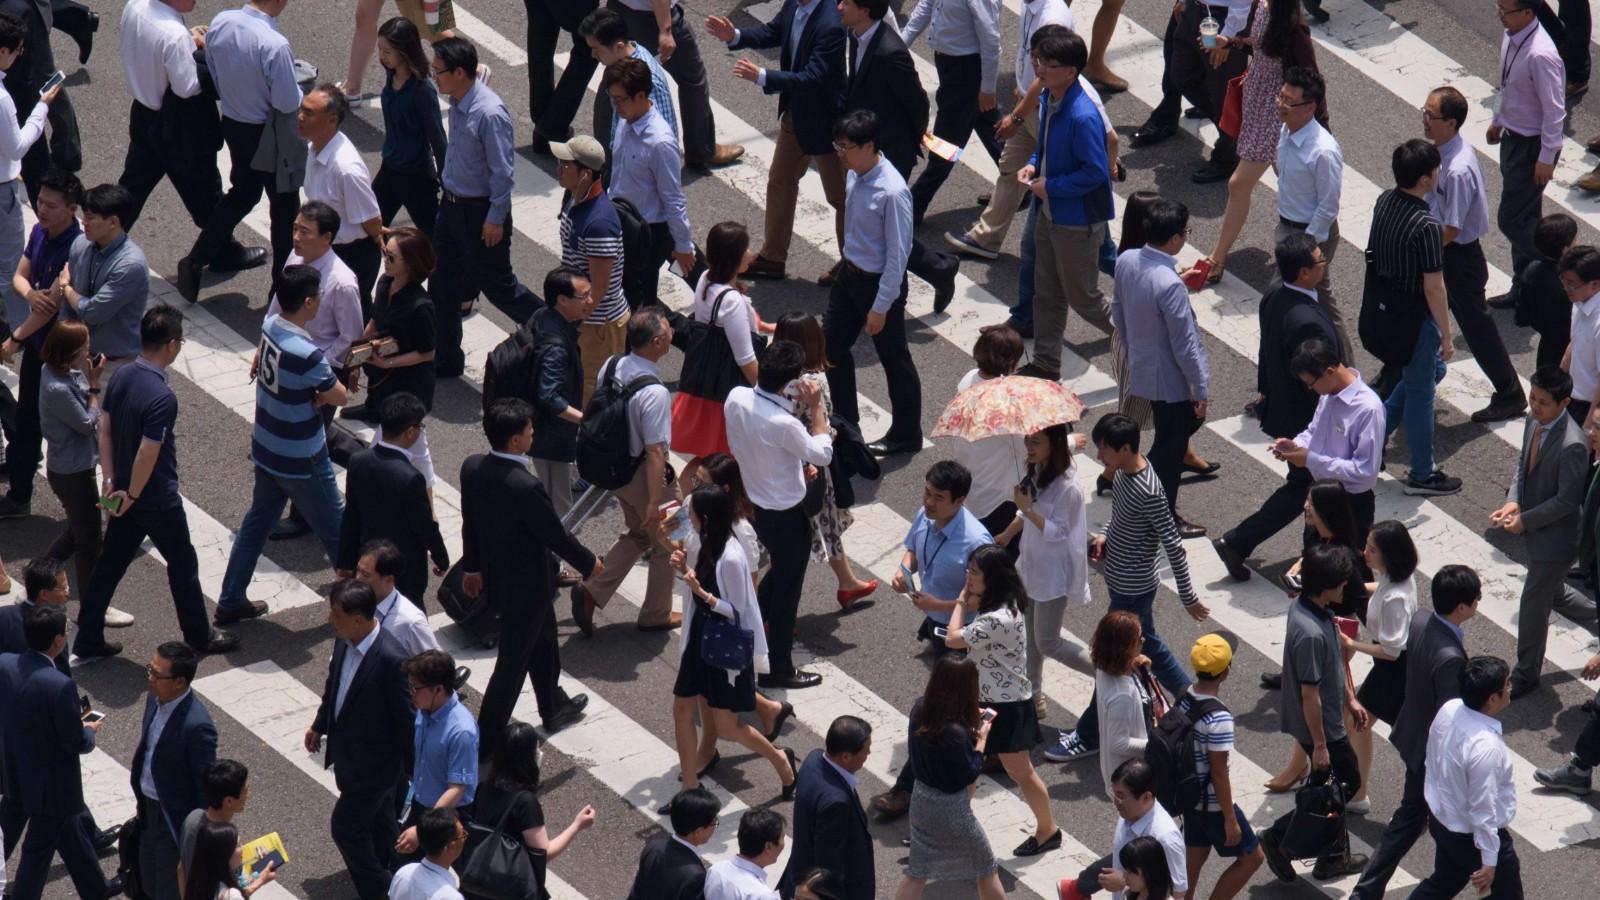 https://cdn.cnn.com/cnnnext/dam/assets/150723165155-seoul-street-crossing-super-tease.jpg